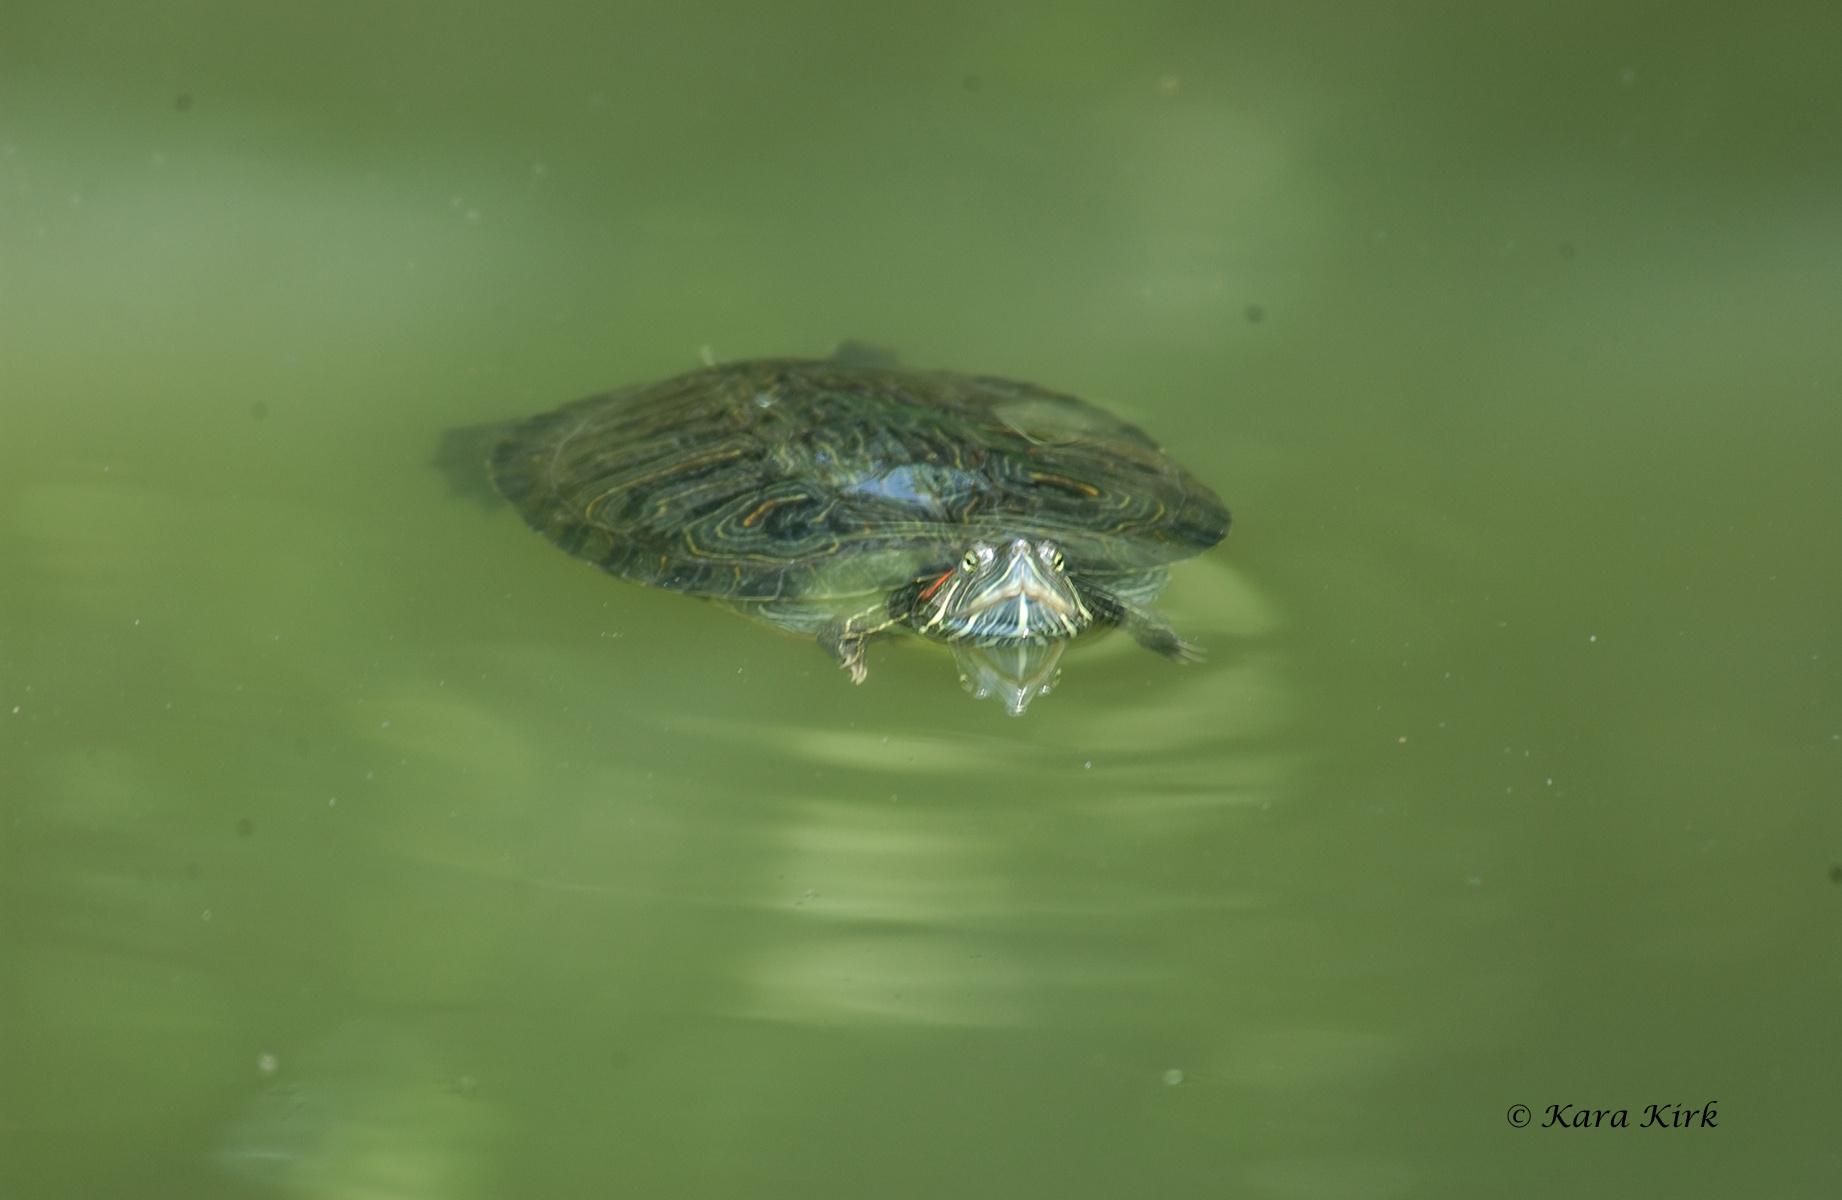 https://0201.nccdn.net/4_2/000/000/064/d40/05-29-11-Cincinnati-Zoo--Cinti--OH-142-4x6-1842x1200.jpg